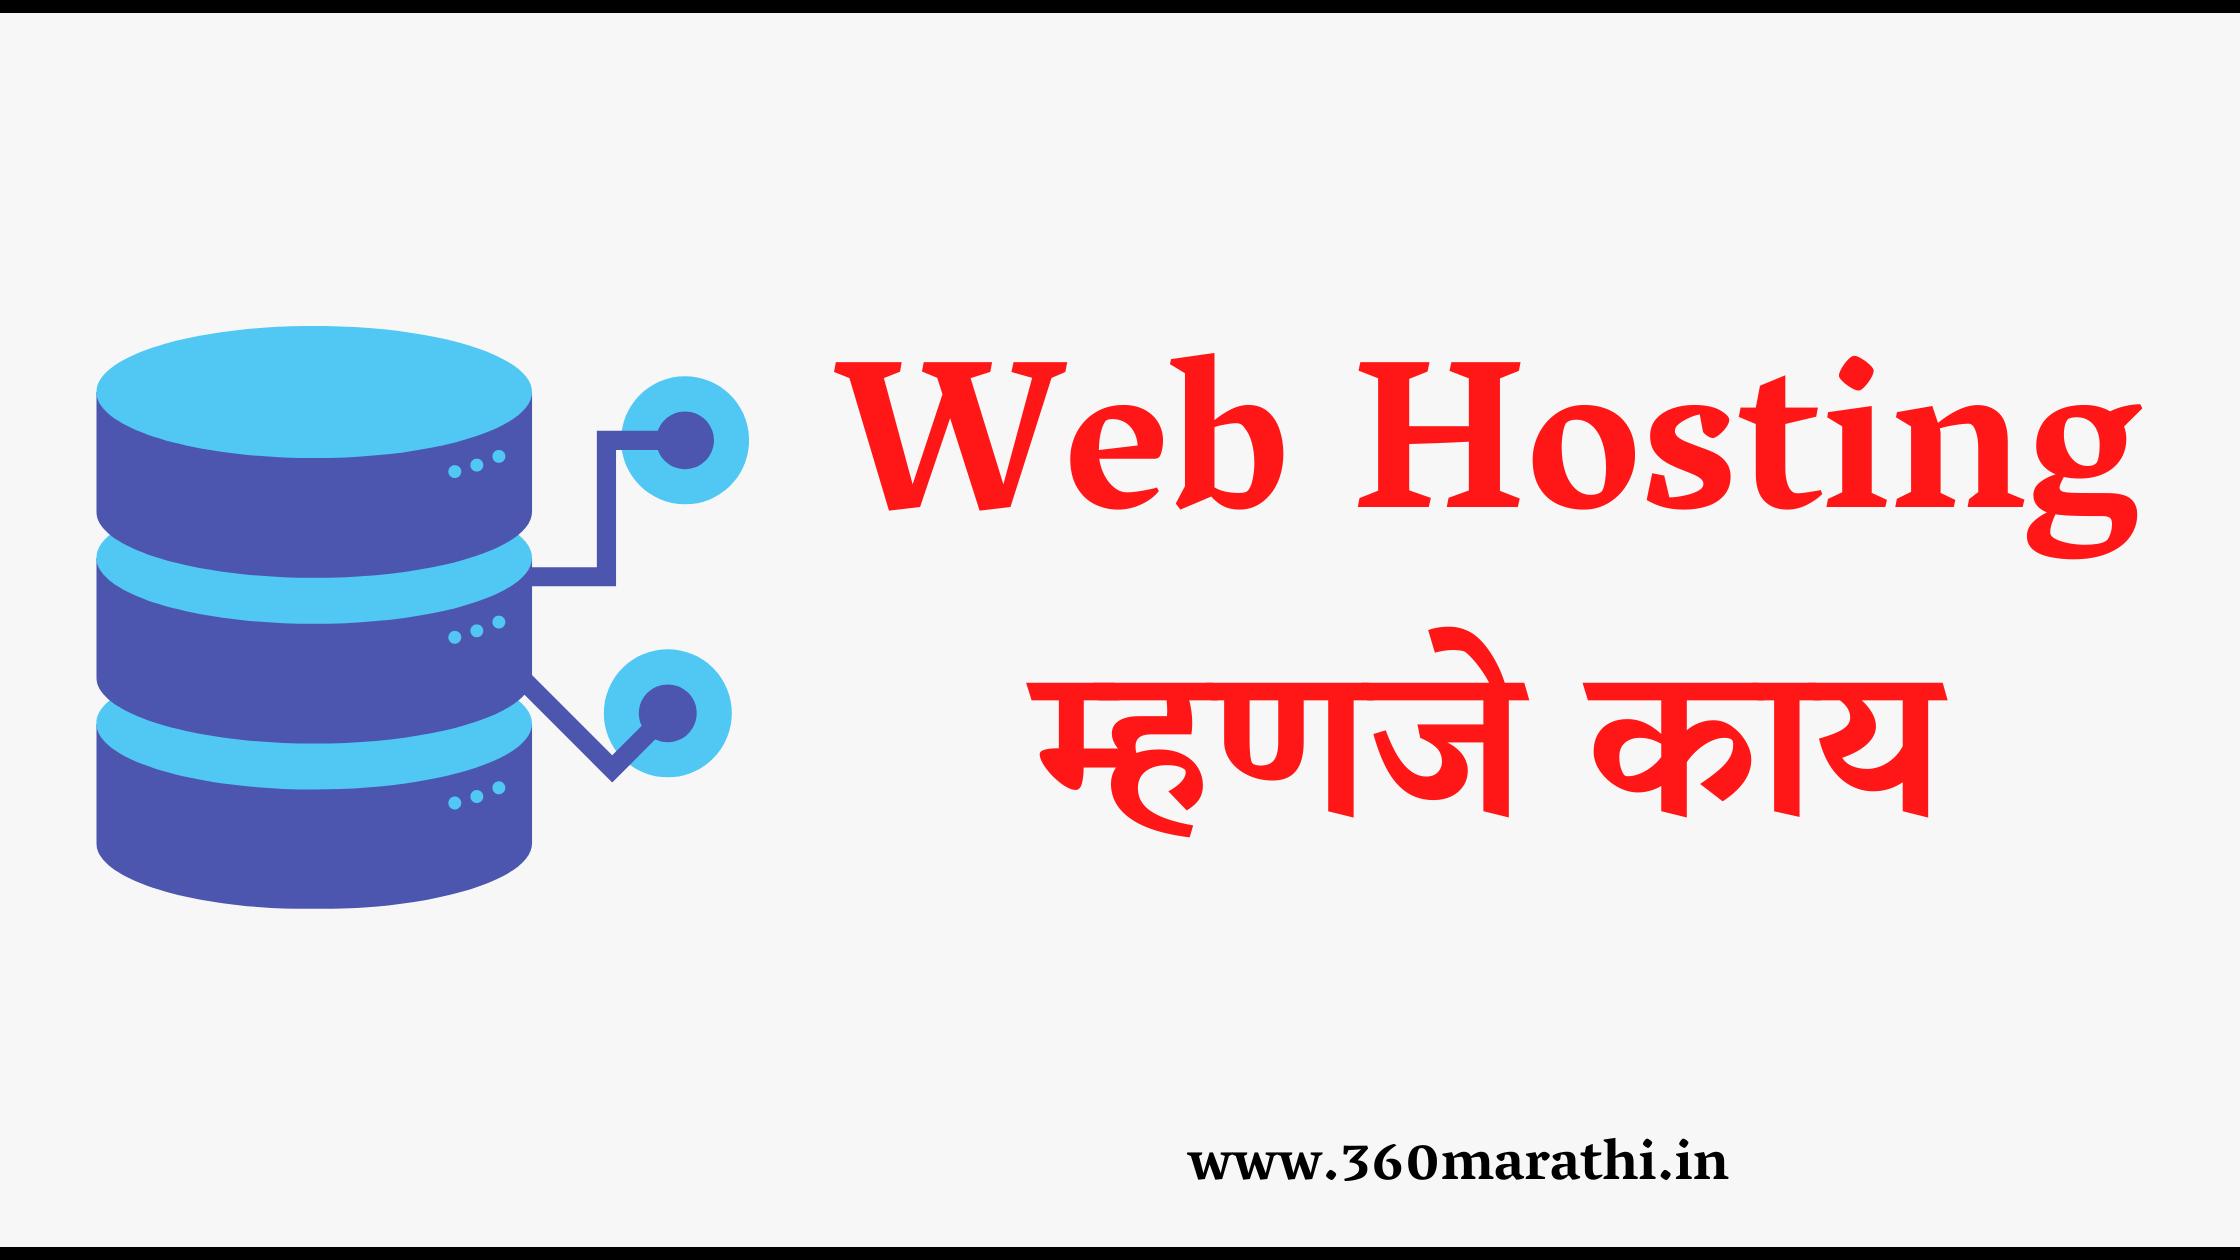 Web Hosting म्हणजे काय   वेब होस्टिंग काय असते    Web Hosting information Marathi